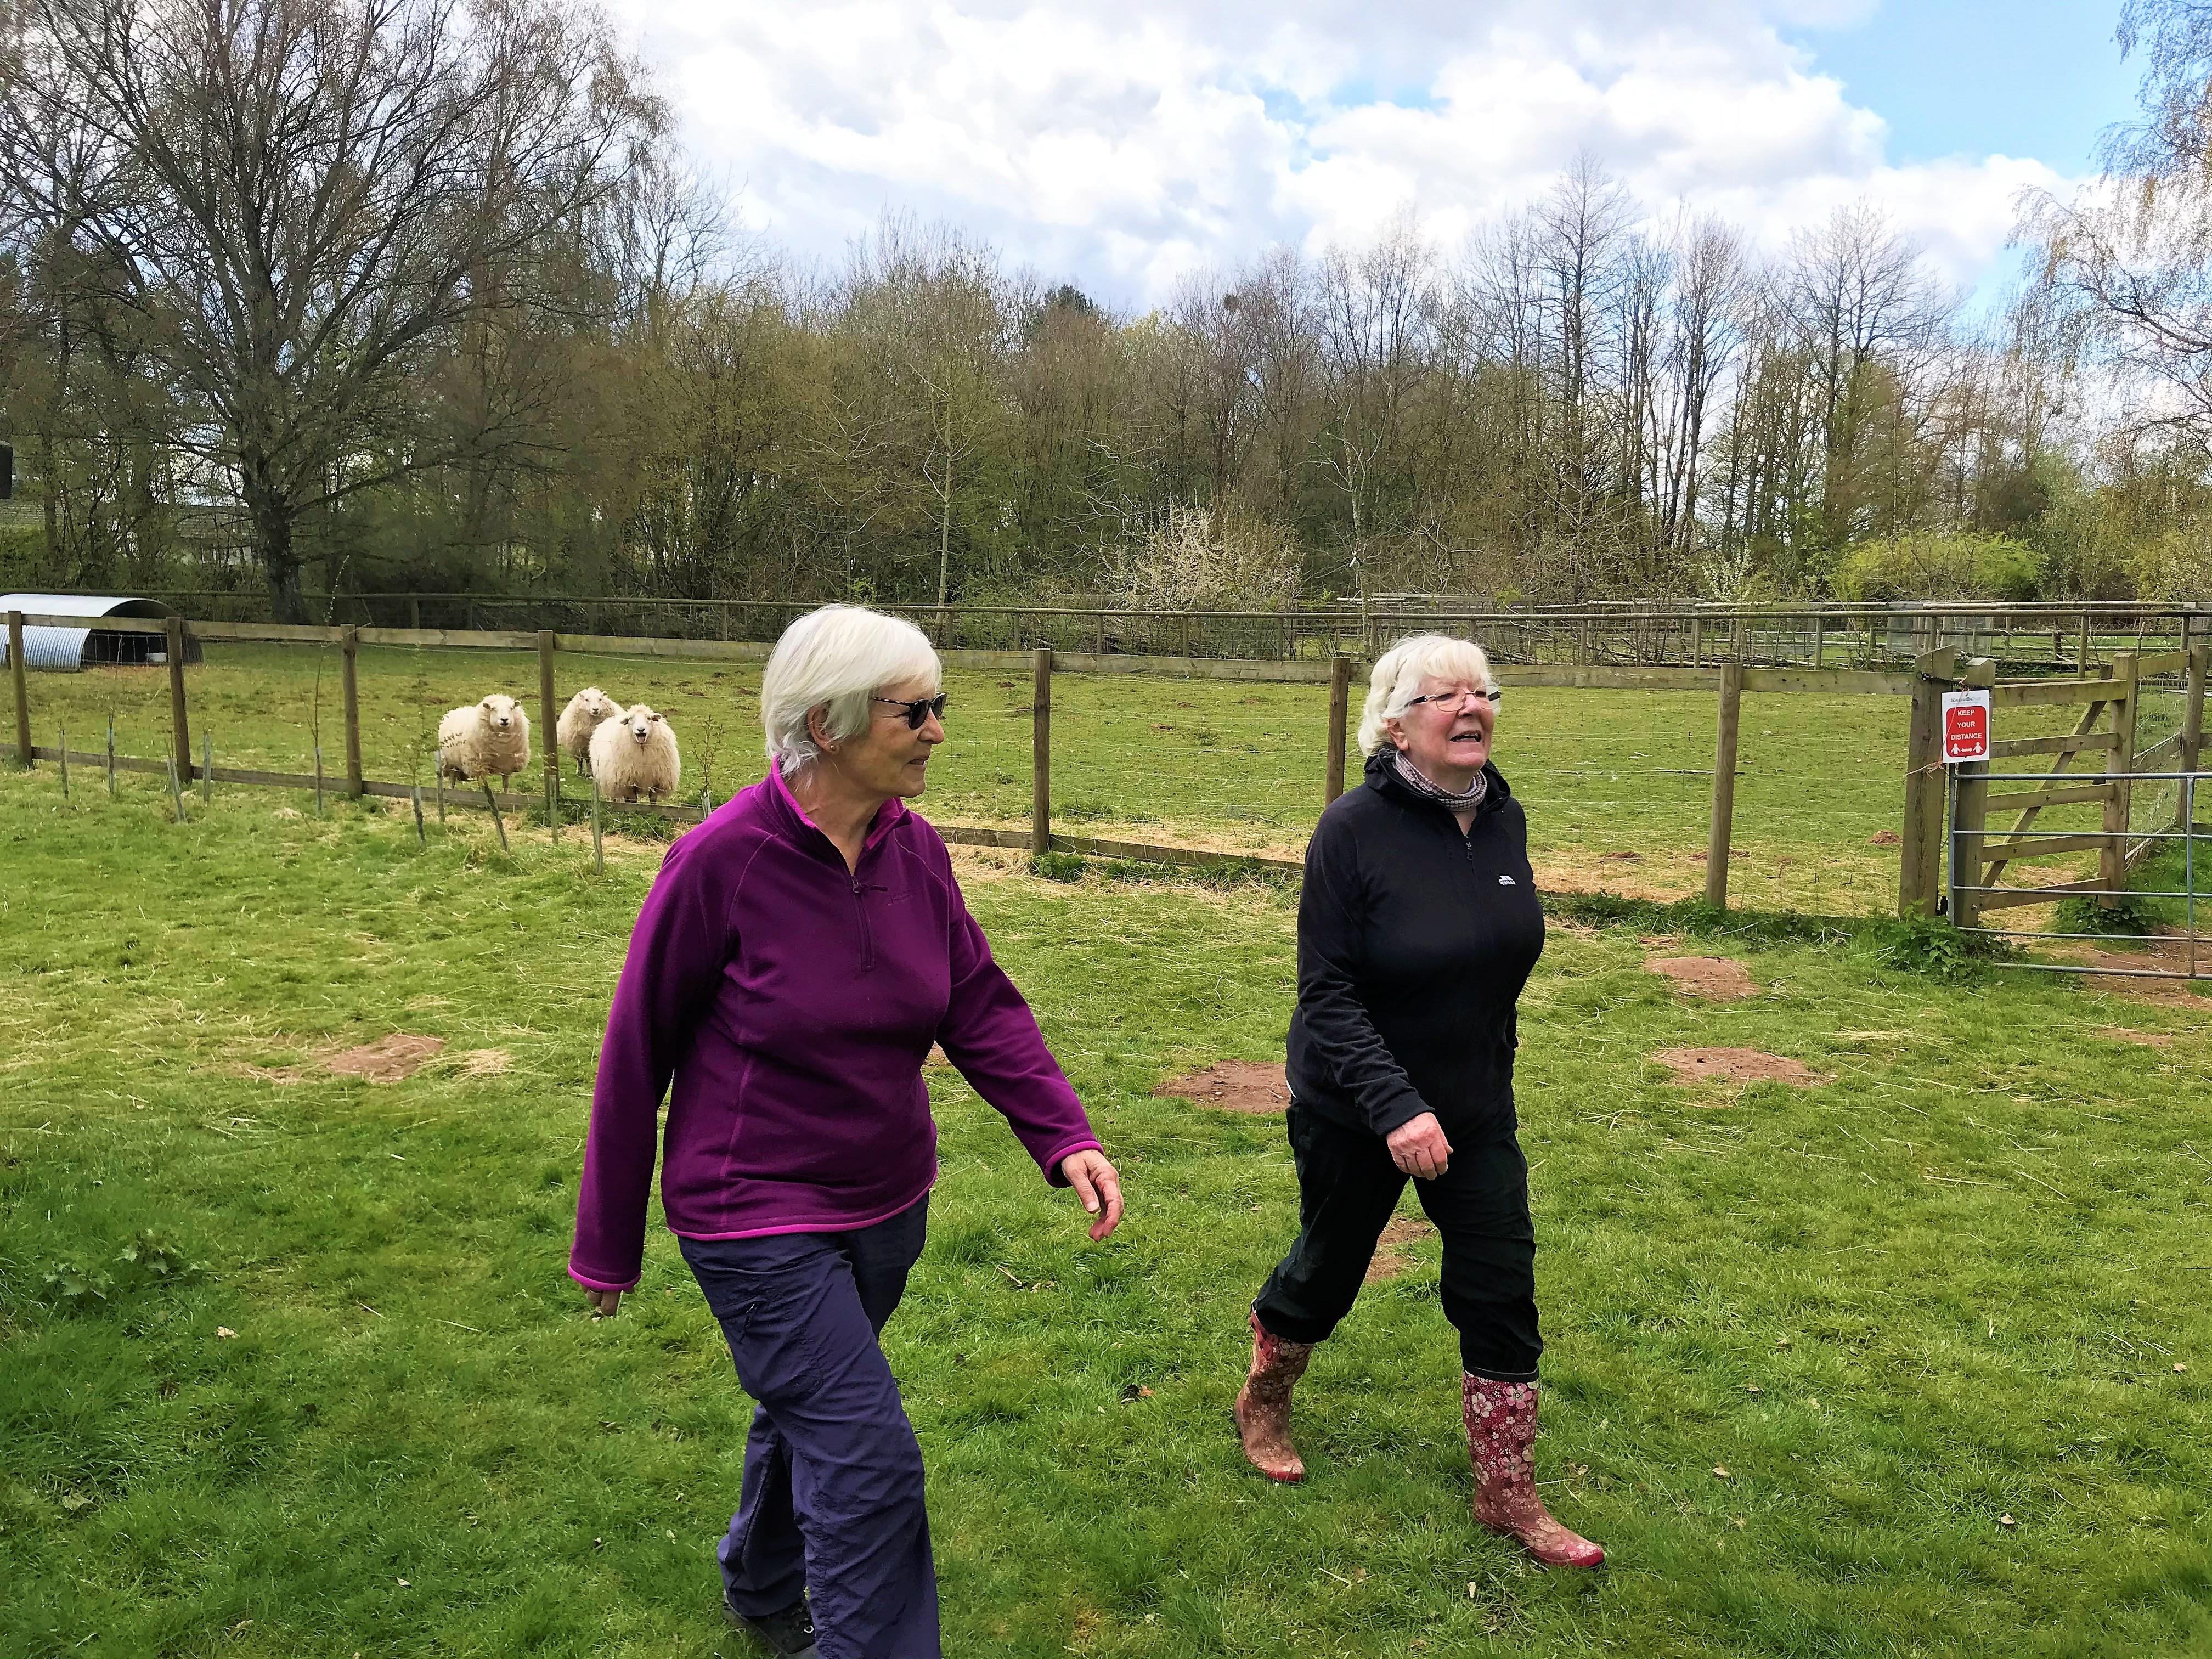 Mandy and Mo Walking